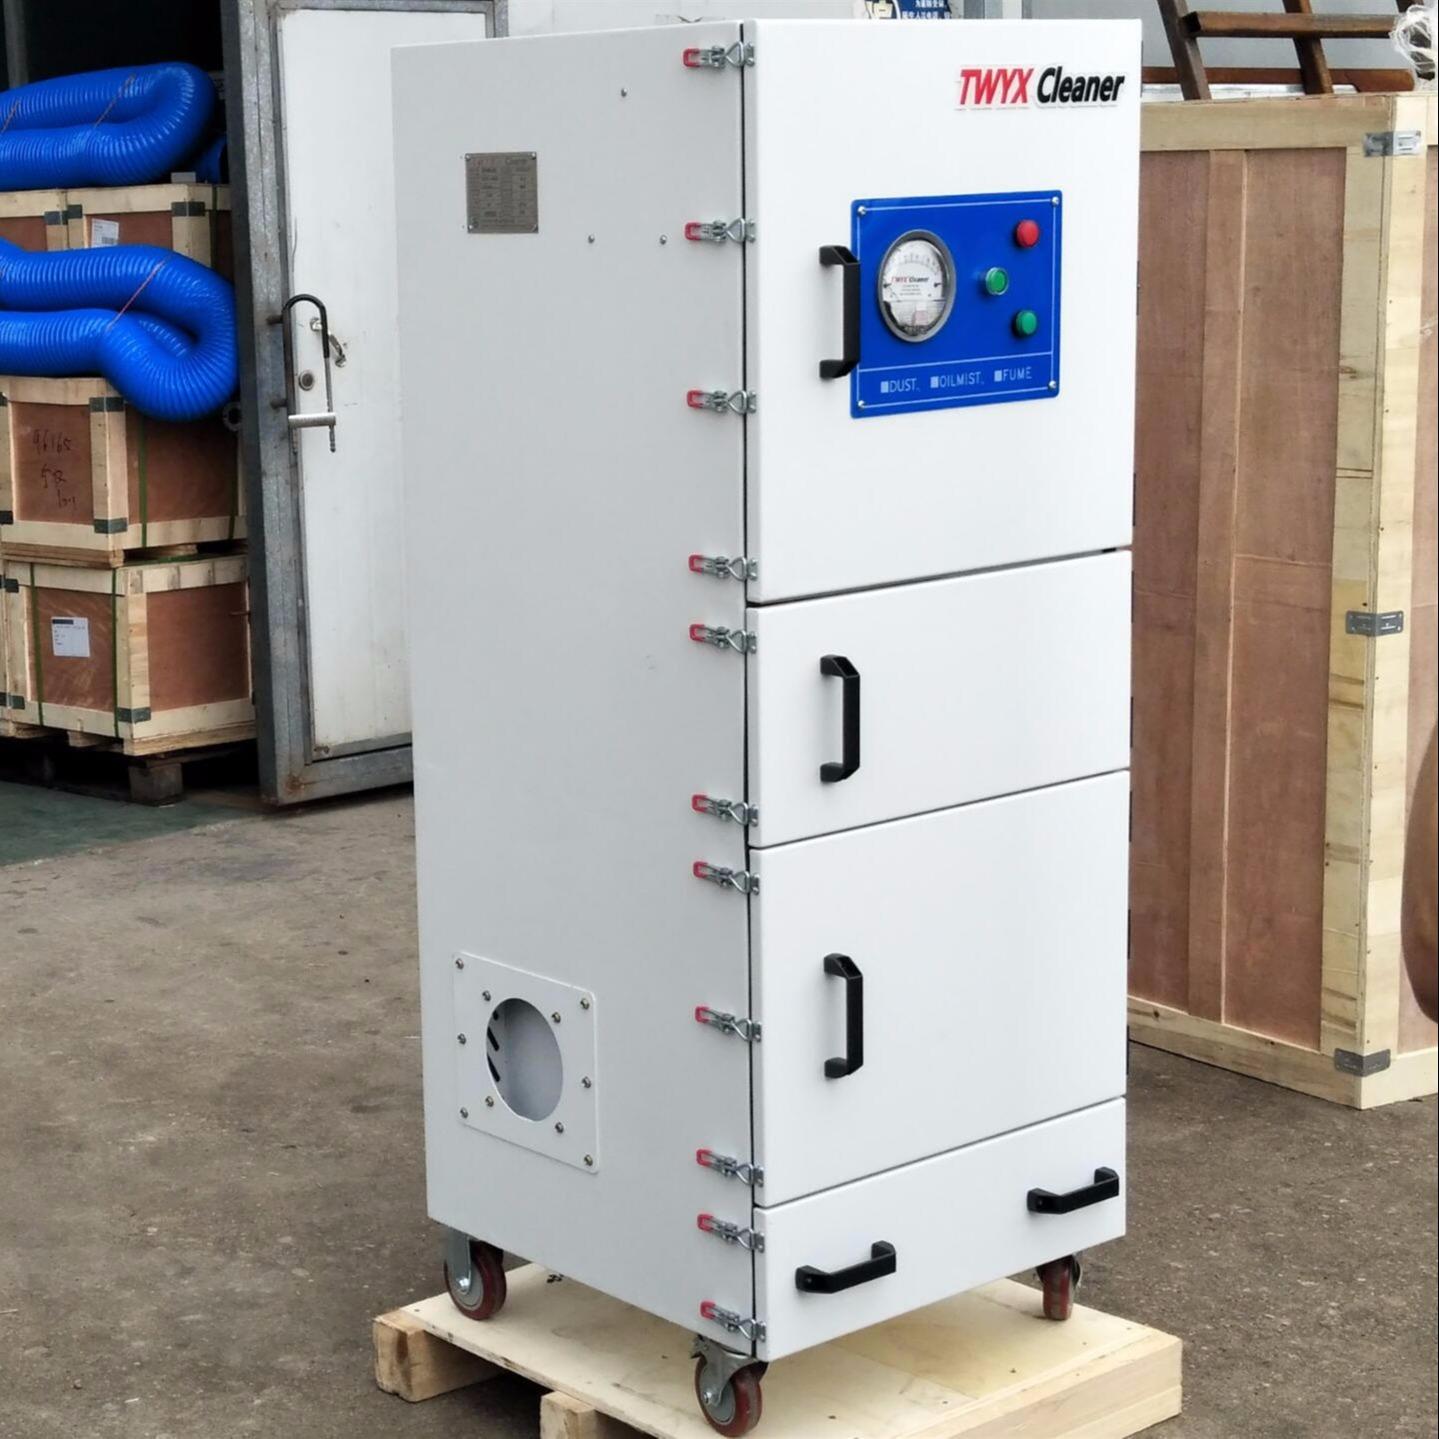 醫藥器械包裝設備專用工業脈沖粉塵集塵機 裝袋噴砂作業專用集塵器